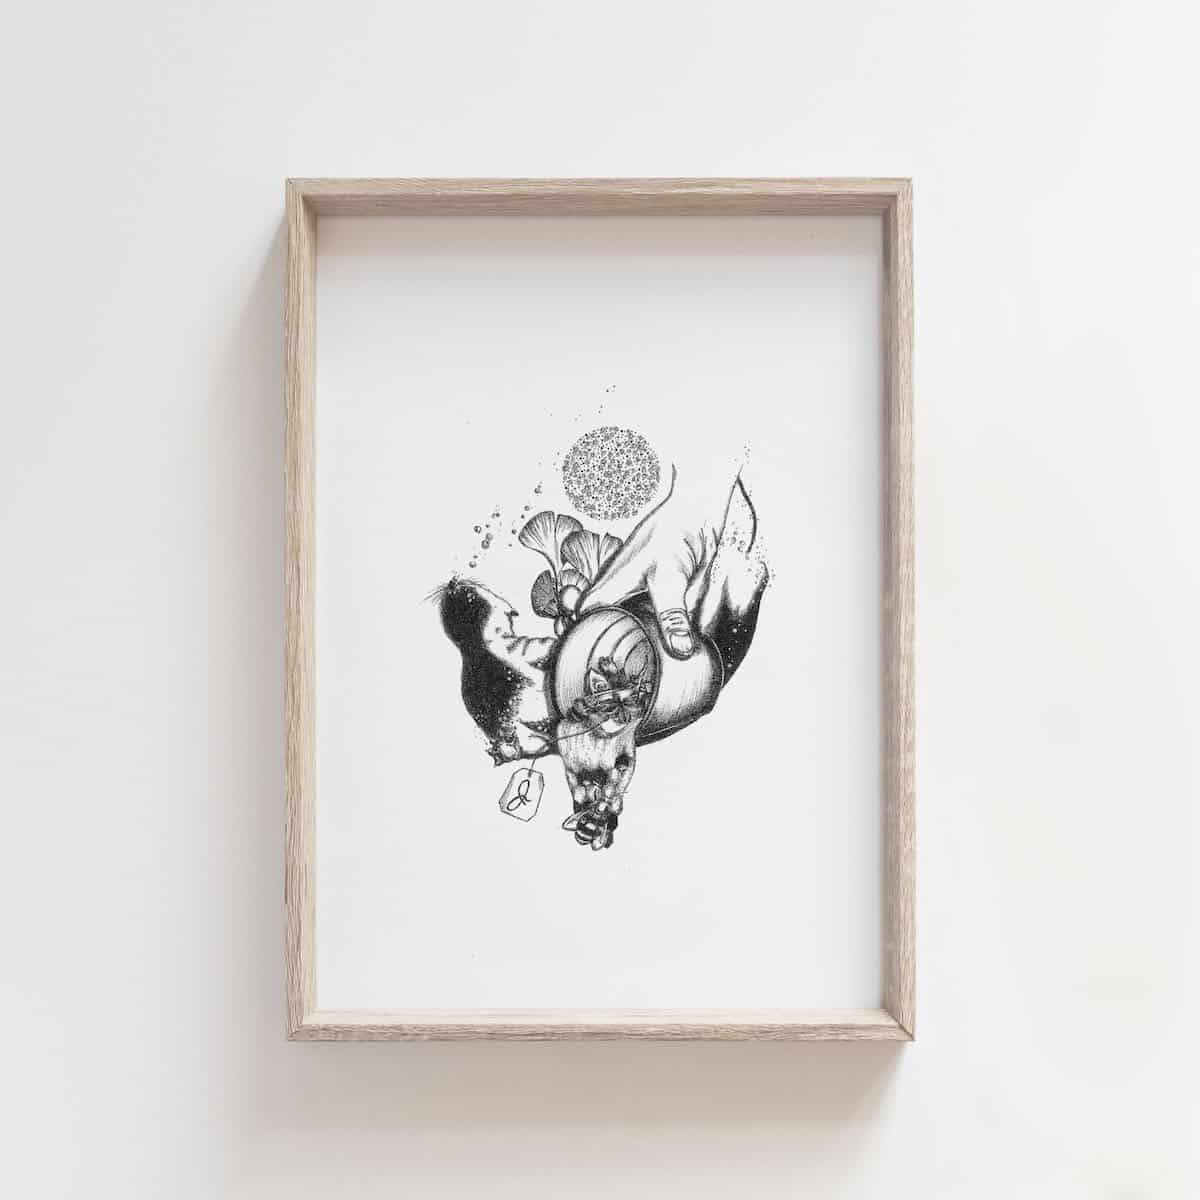 Tea Series: Create – By Jocelin Meredith Artwork